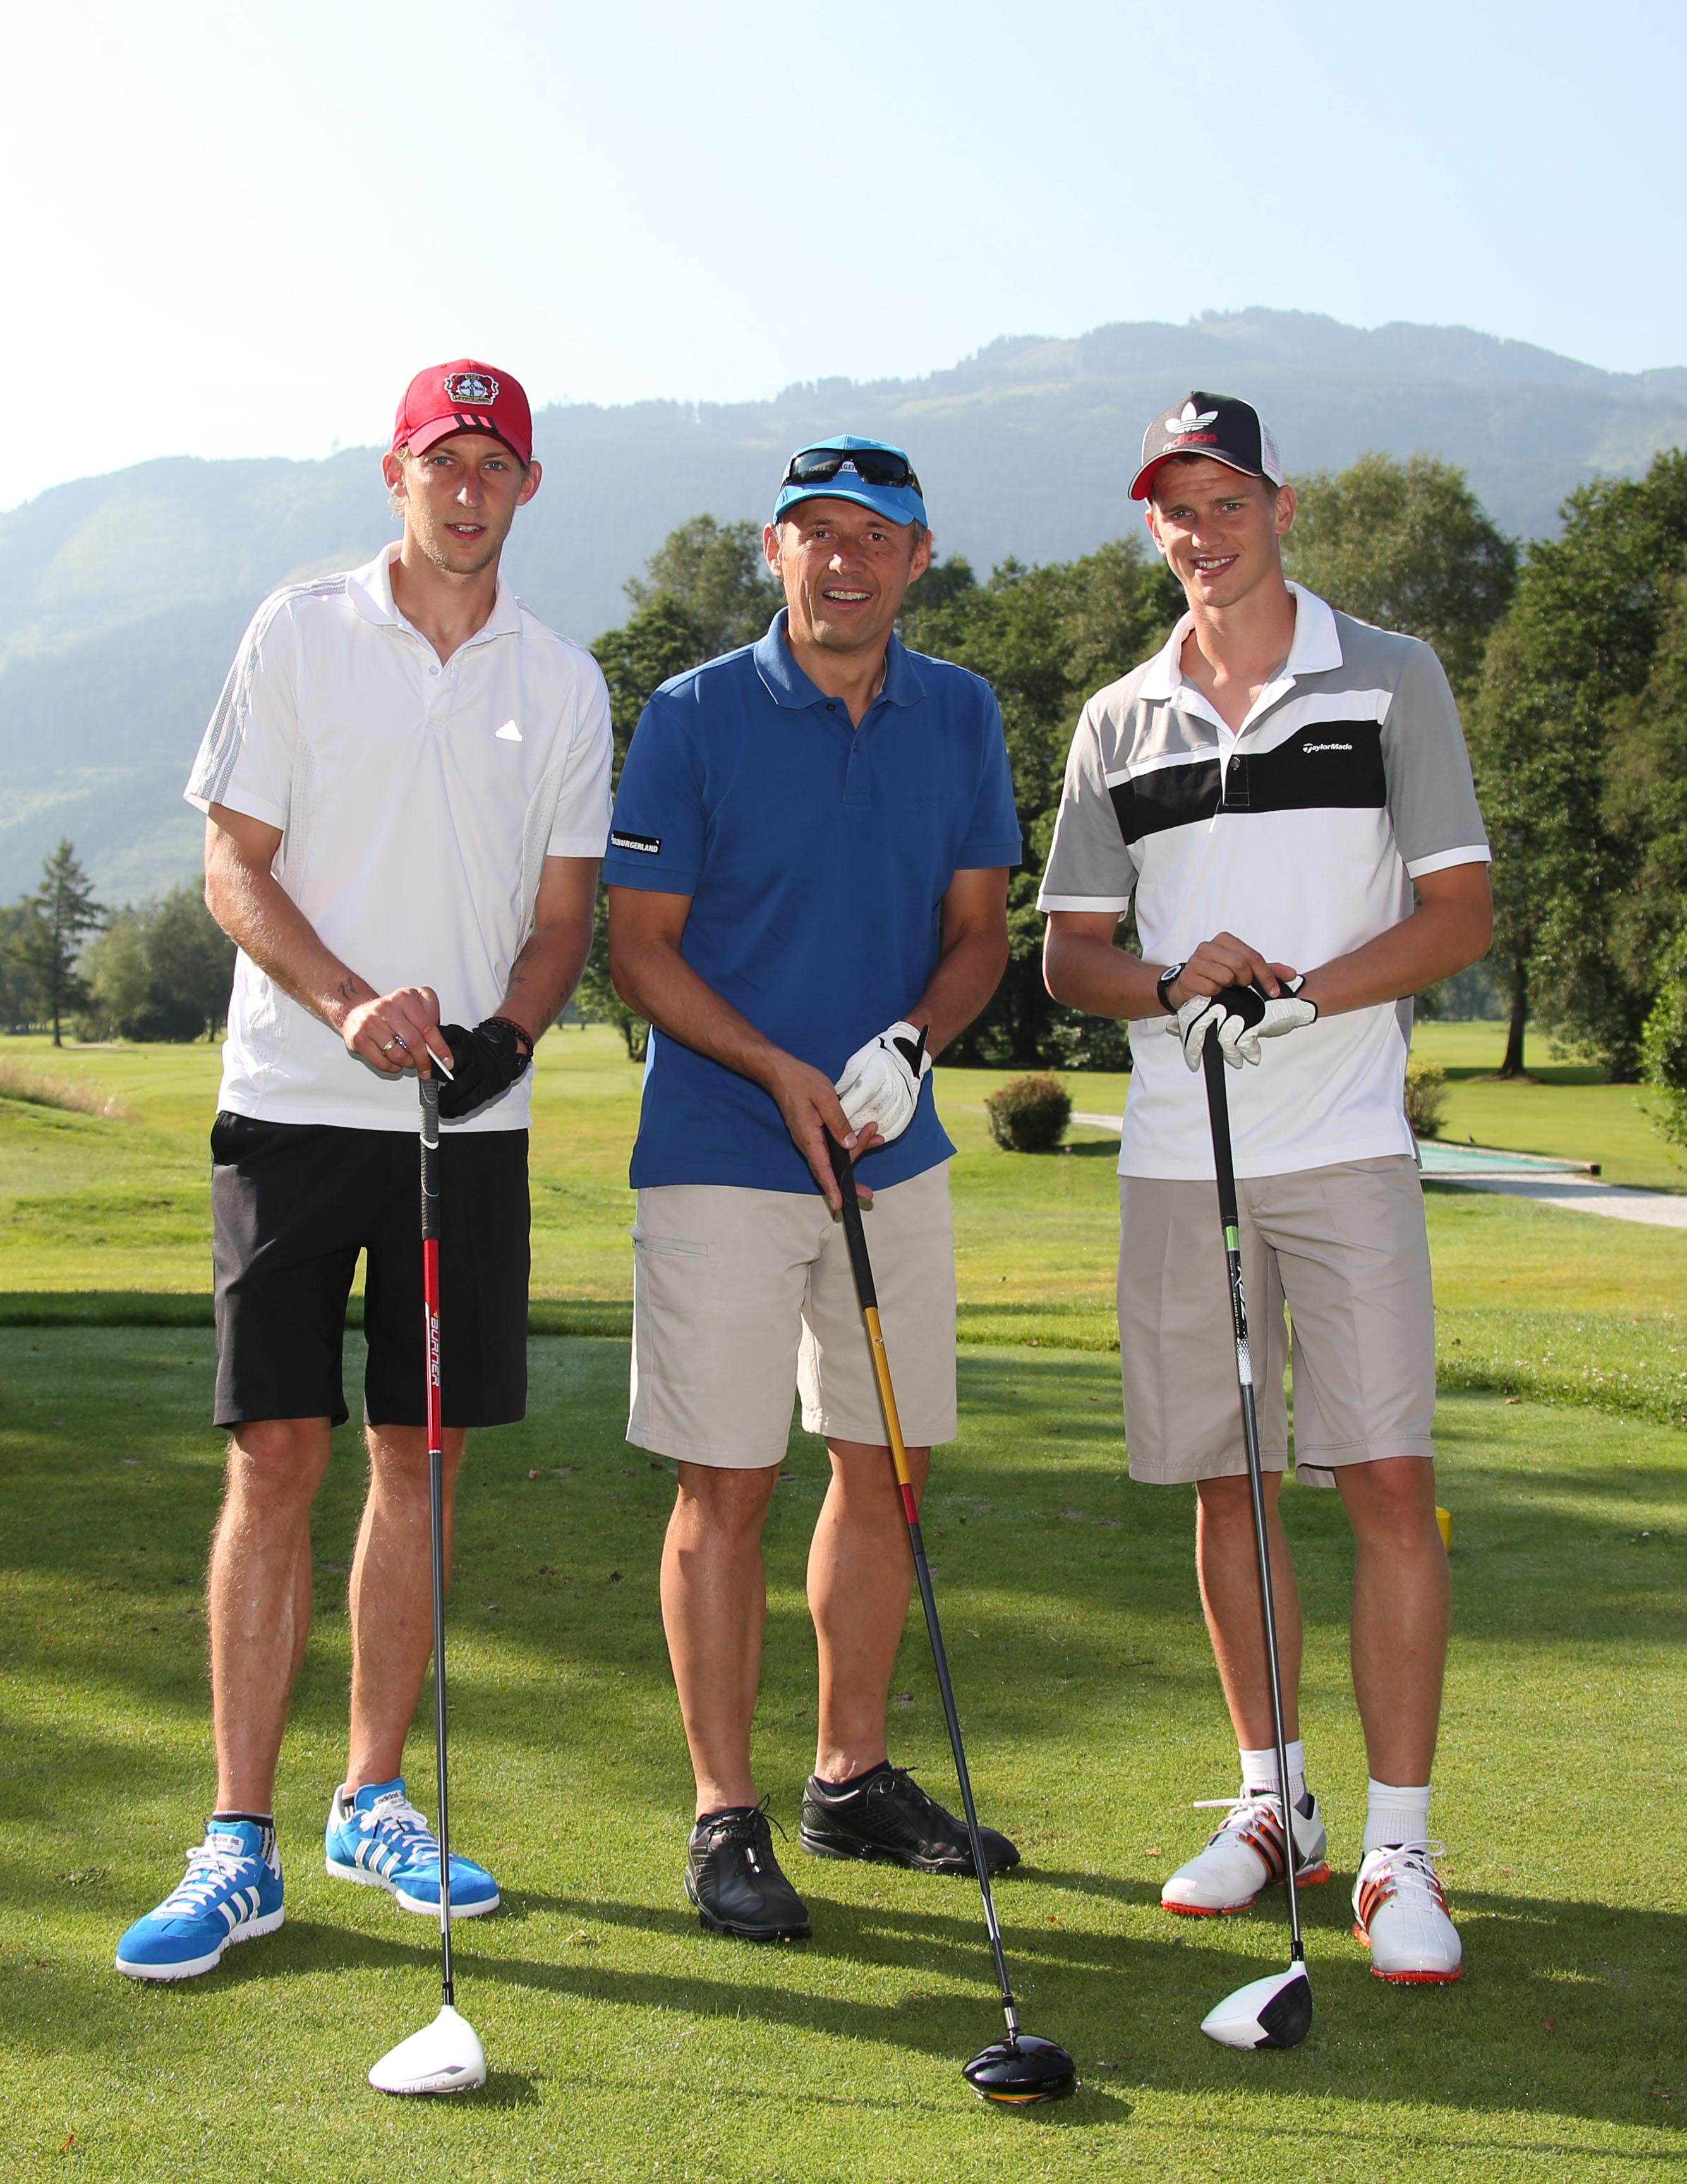 •Entspannen am Golfplatz: Stefan Kießling, Leo Bauernberger und Lars Bender bei der gemeinsamen Golfpartie